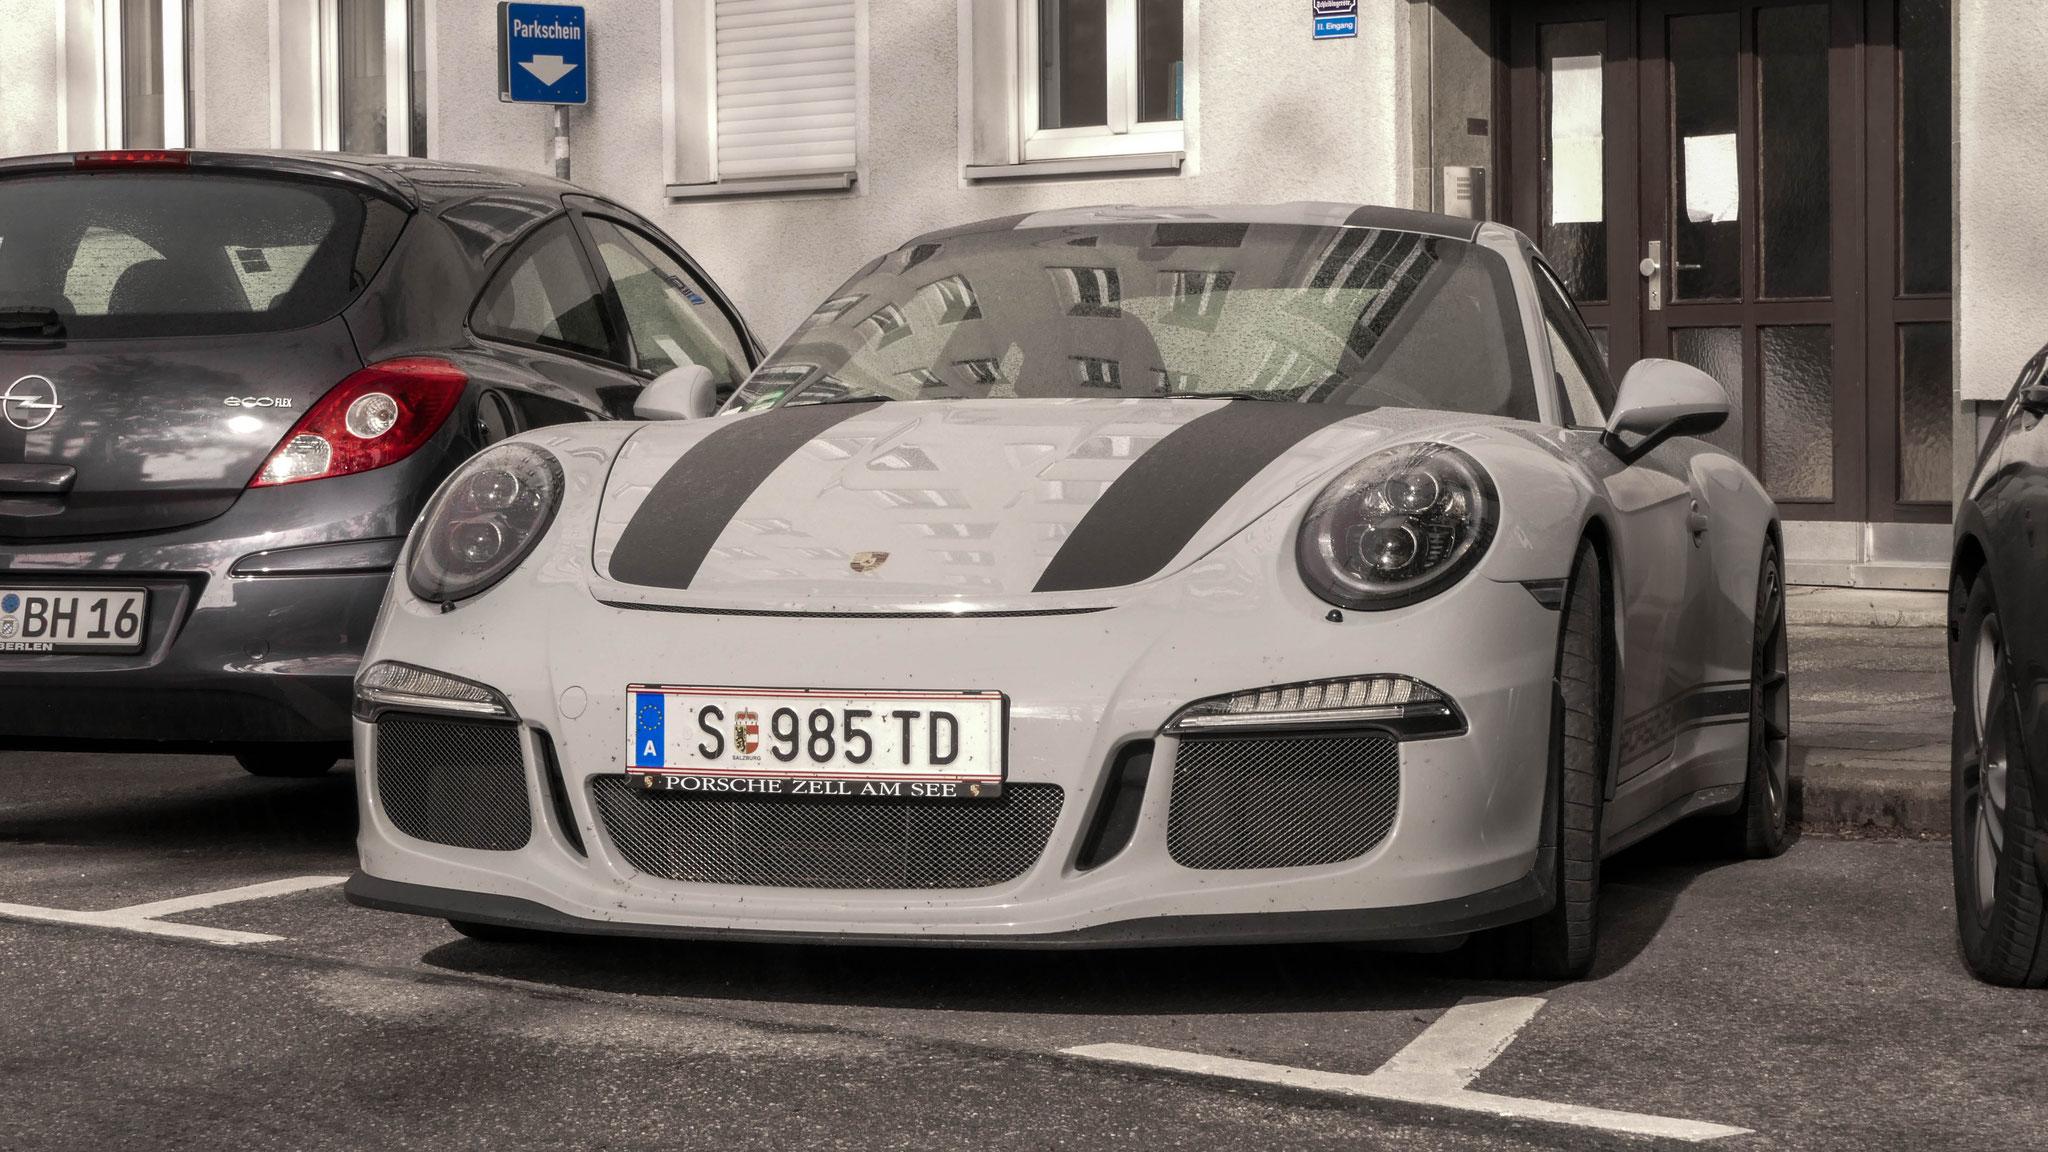 Porsche 911 R - S-985-TD (AUT)